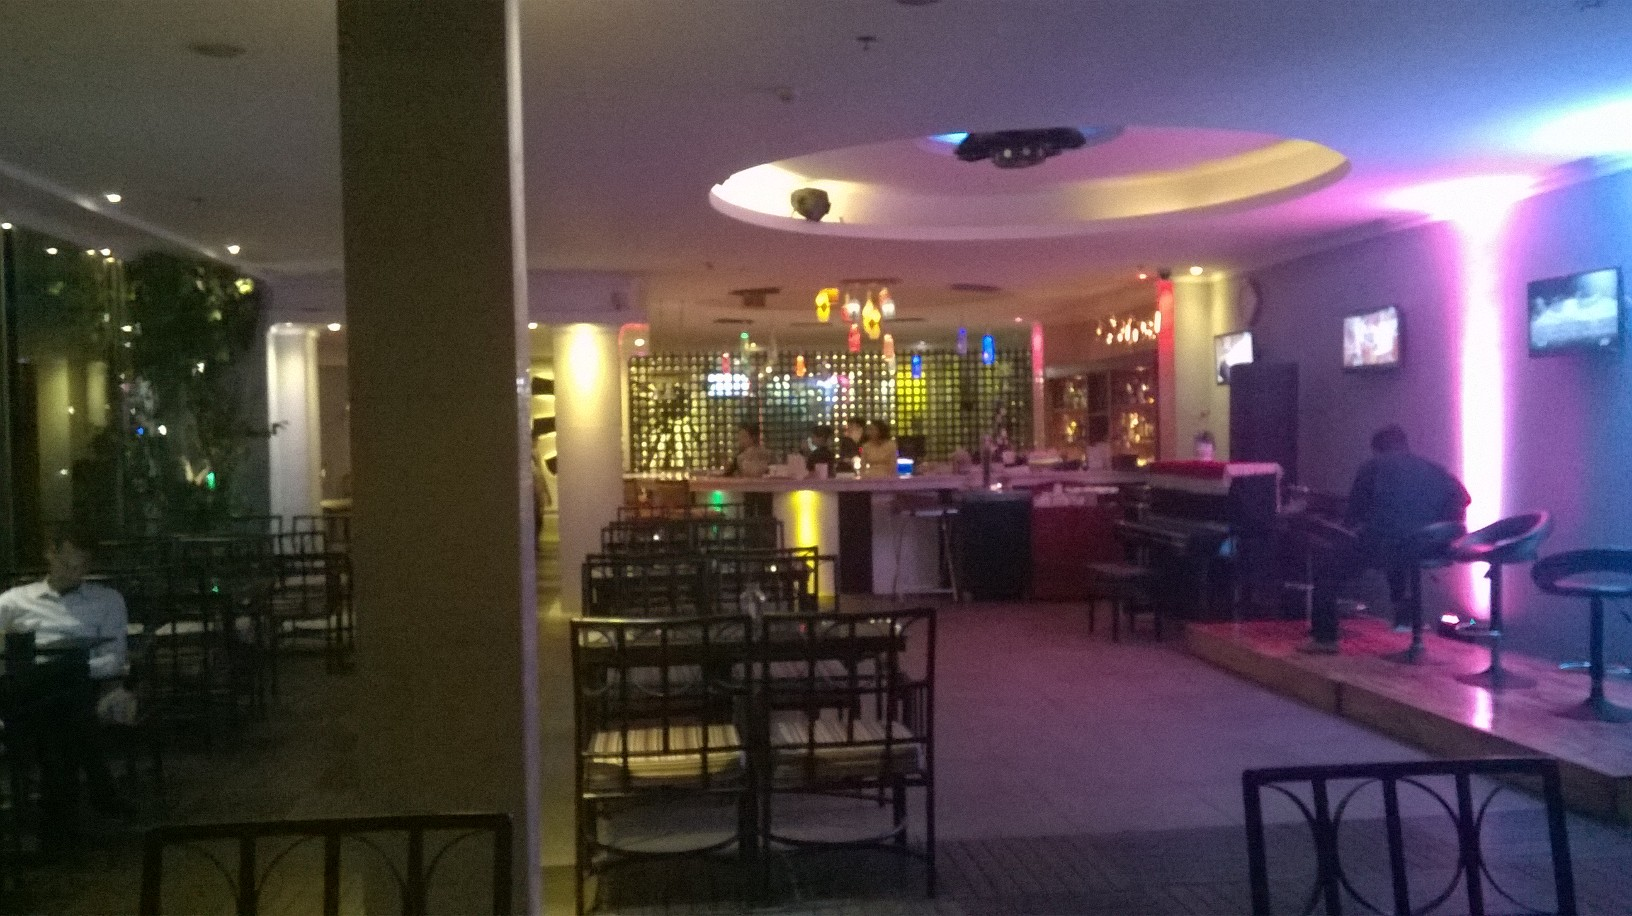 hcmc-grand-hotel-grand-cafe-bar-mar16